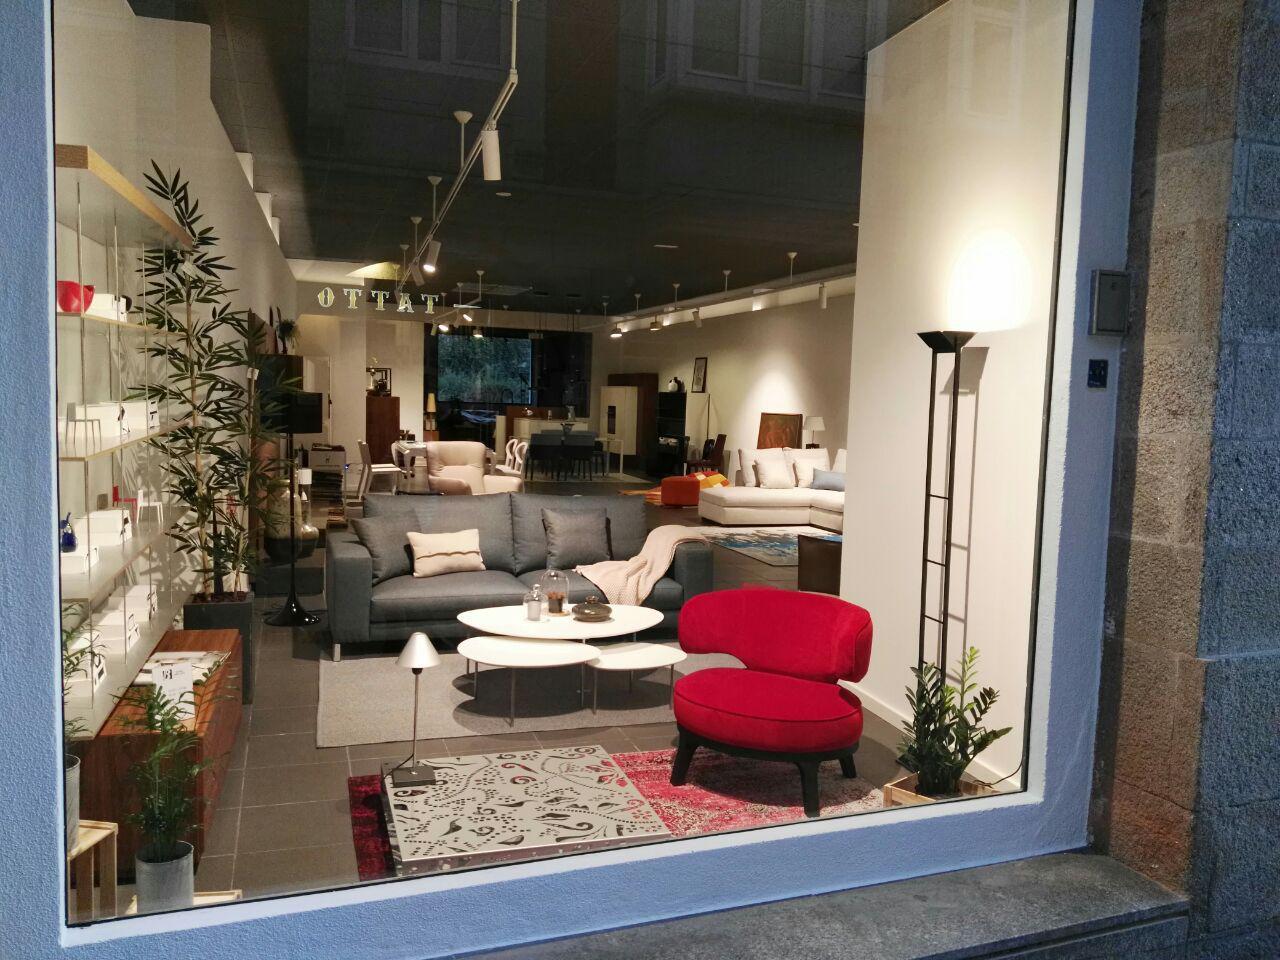 Muebles En Lugo | Muebles Huertas Mueblería En Lugo Cocinas ...